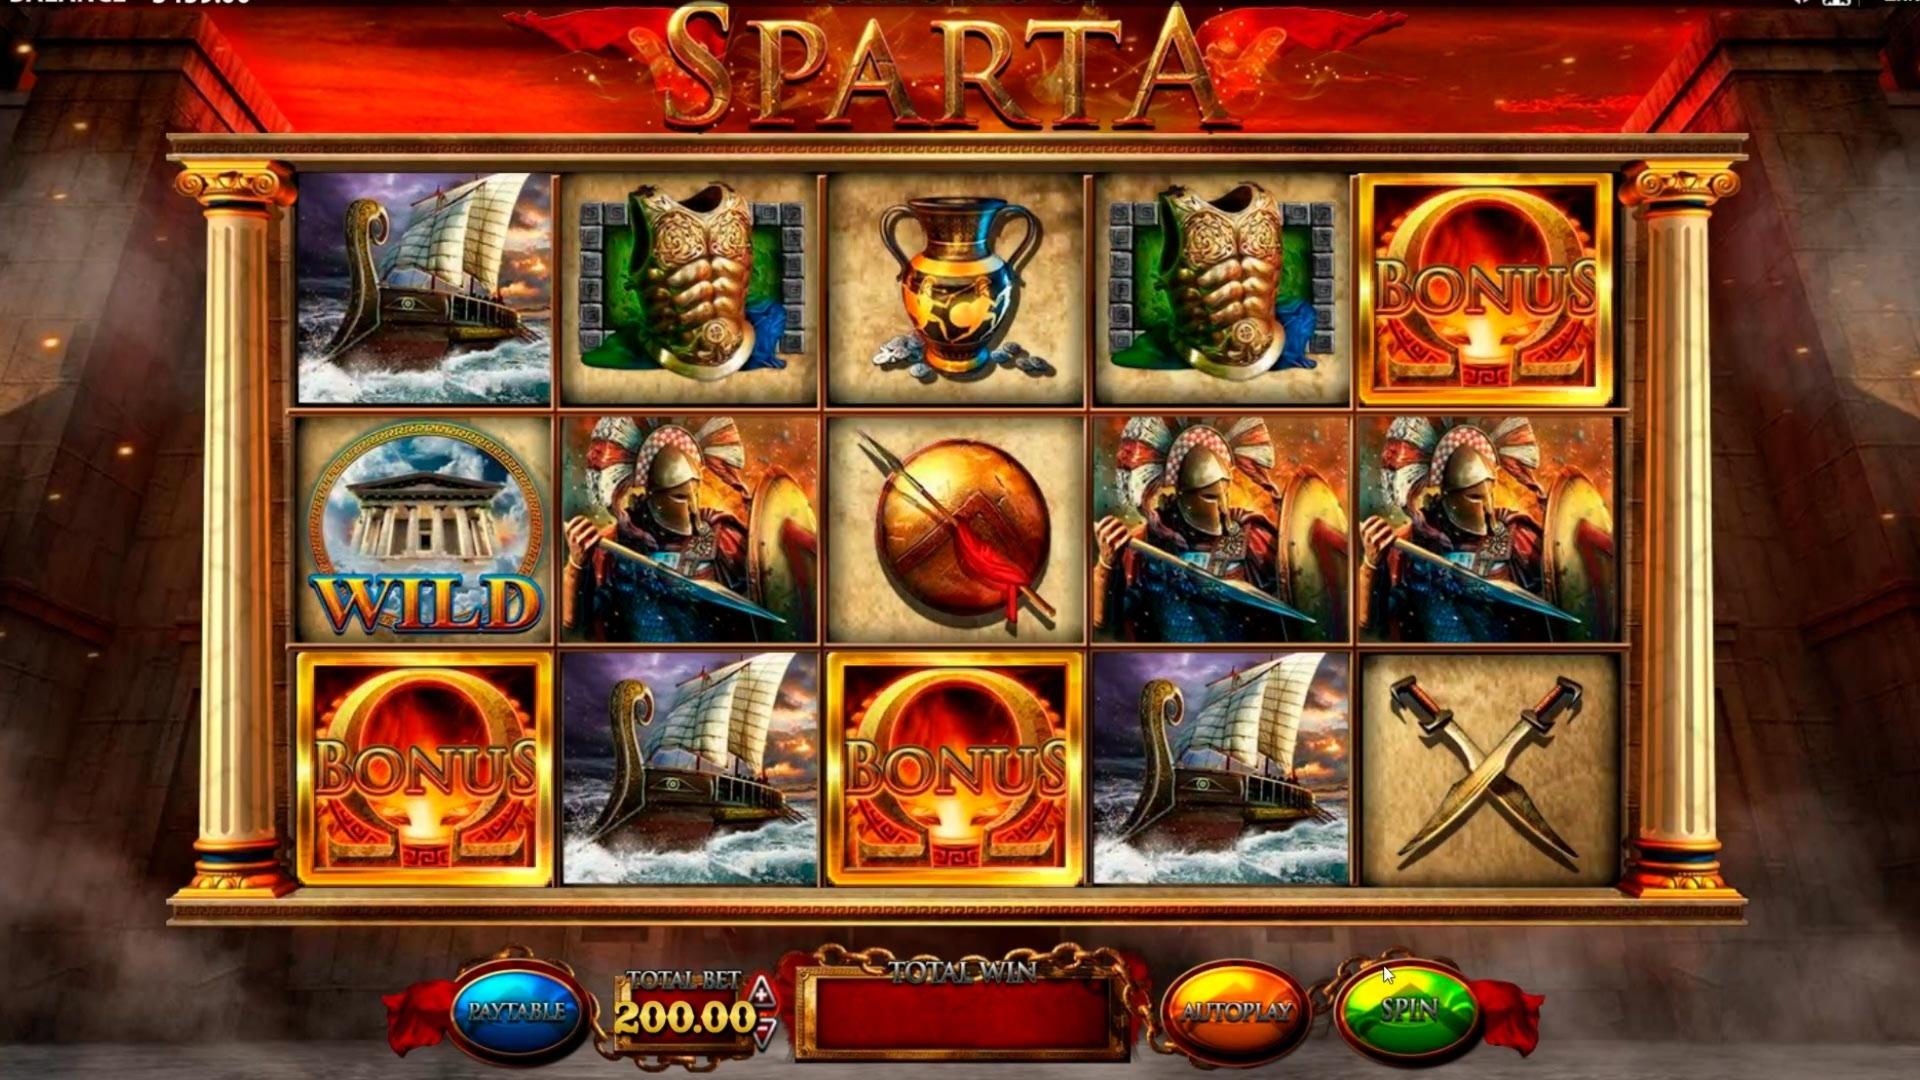 مباريات EUR 750 Casino المجانية في Gamebookers